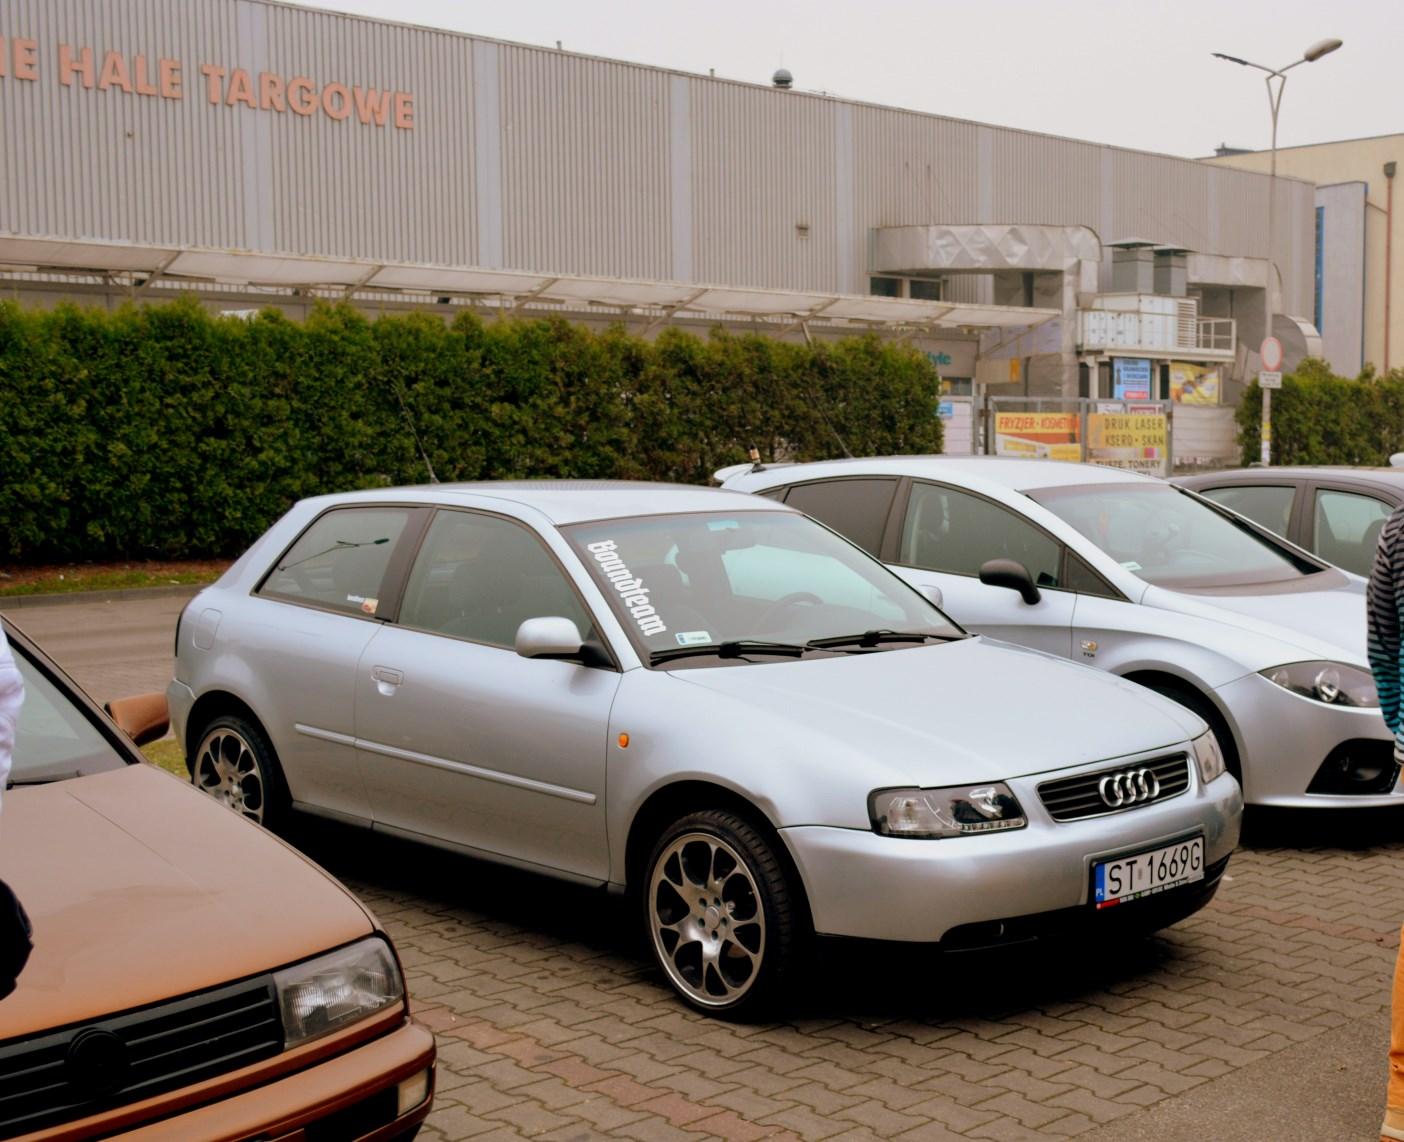 Audi A3 8l Skradzione Samochody Motocykle I Pojazdy